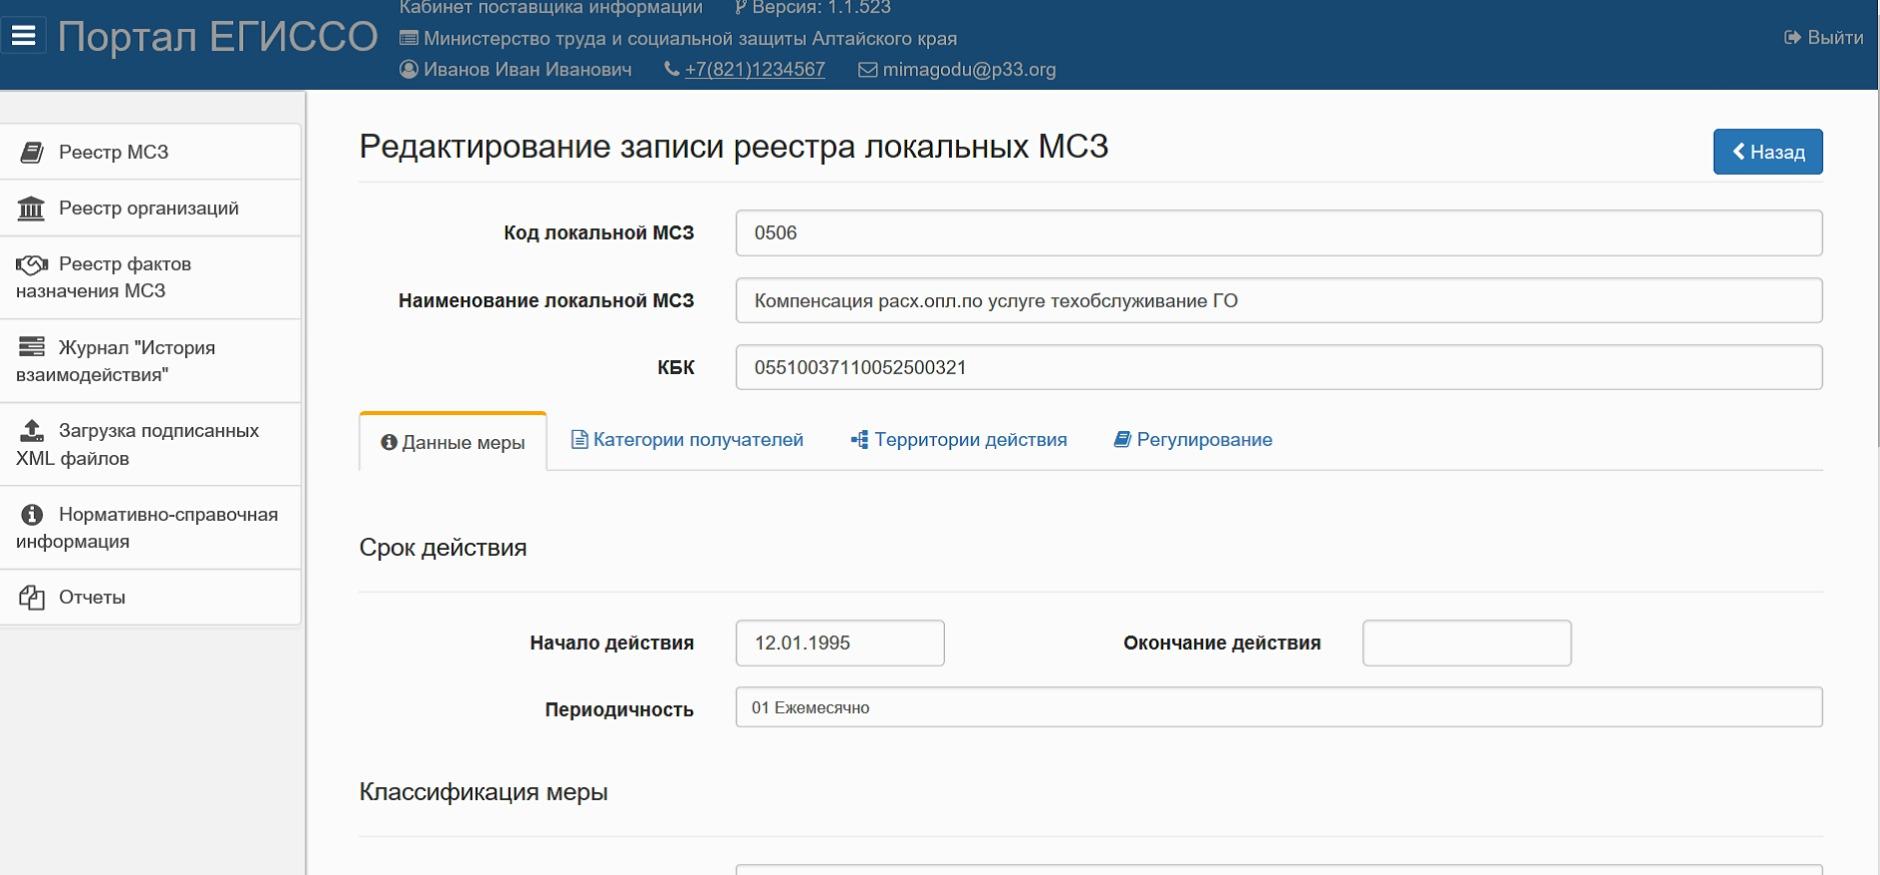 Redaktirovanie-zapisi-lokalnyh-MSZ.jpg